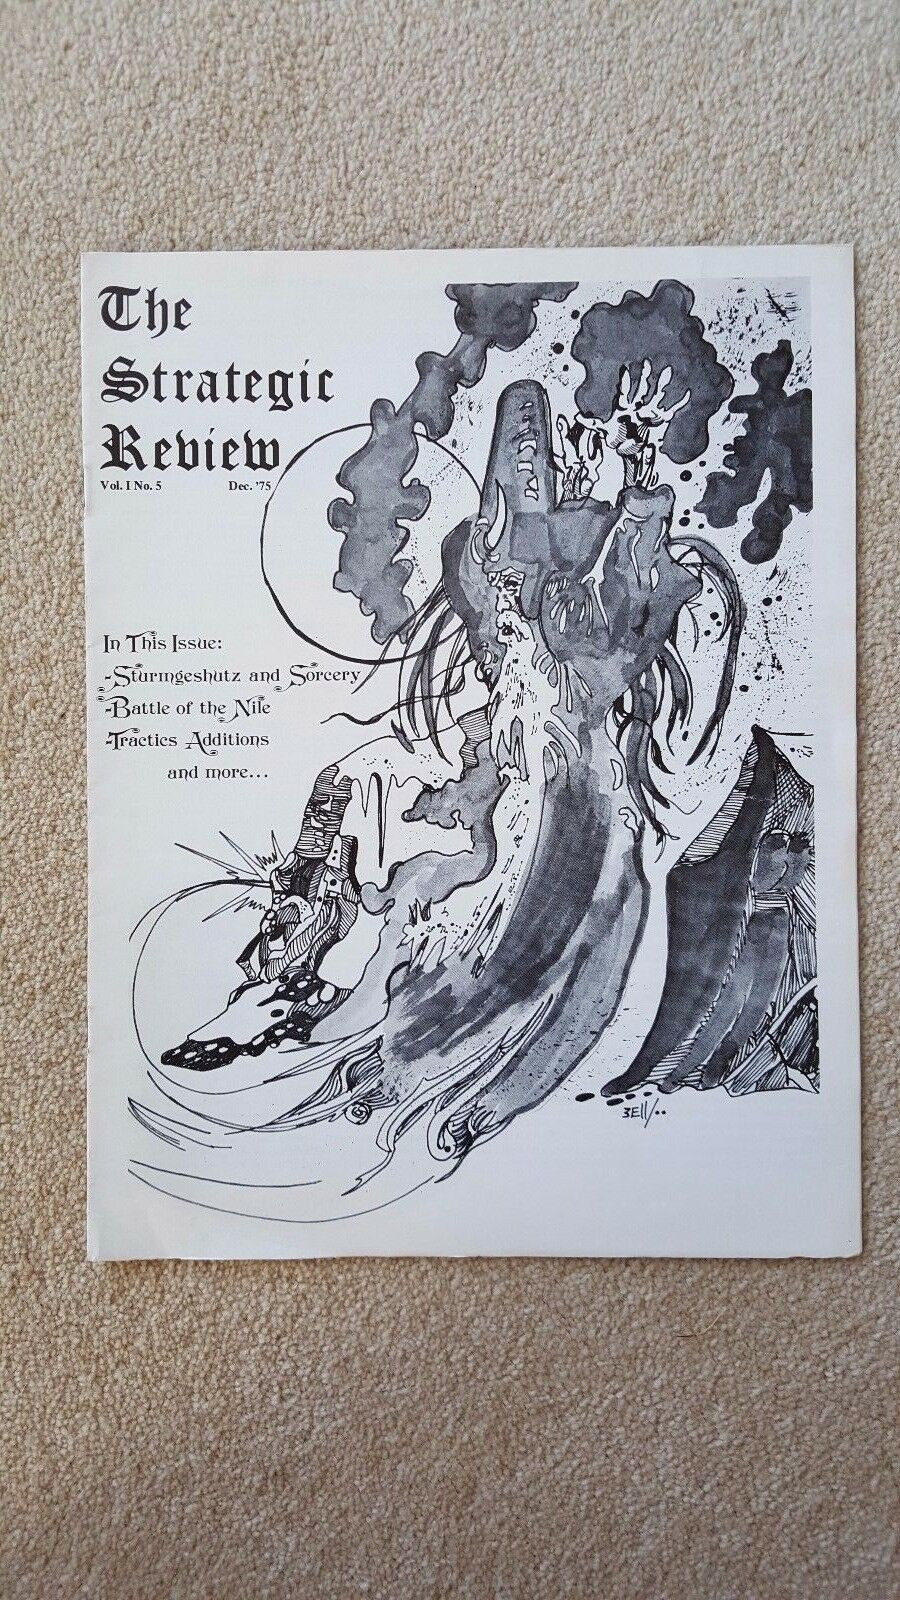 spedizione gratuita in tutto il mondo Molto RARO Dungeons e Dragons  il prossimo REVIEW REVIEW REVIEW  Vol1 N. 5 TSR 1975 D&D pezzo di storia  molto popolare